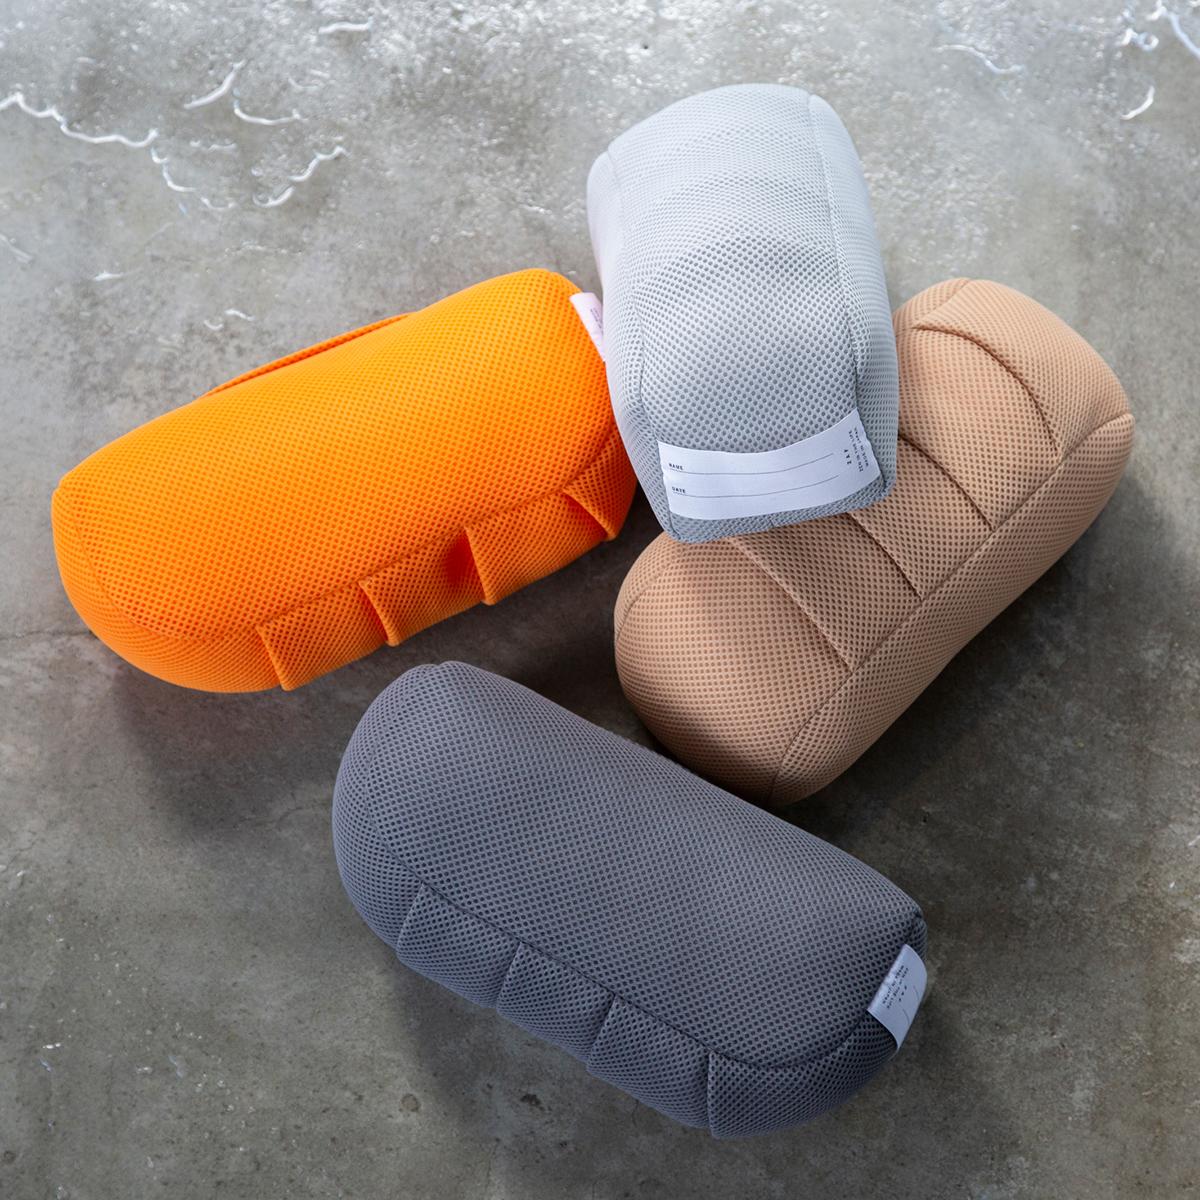 坐禅蒲団『ZAF』をサウナ用に再設計したクッション。骨盤をサポートして姿勢を安定、腰も呼吸もラクに!坐禅蒲団から生まれた、SAUNAクッション|ZAF SAUNA(ザフサウナ)